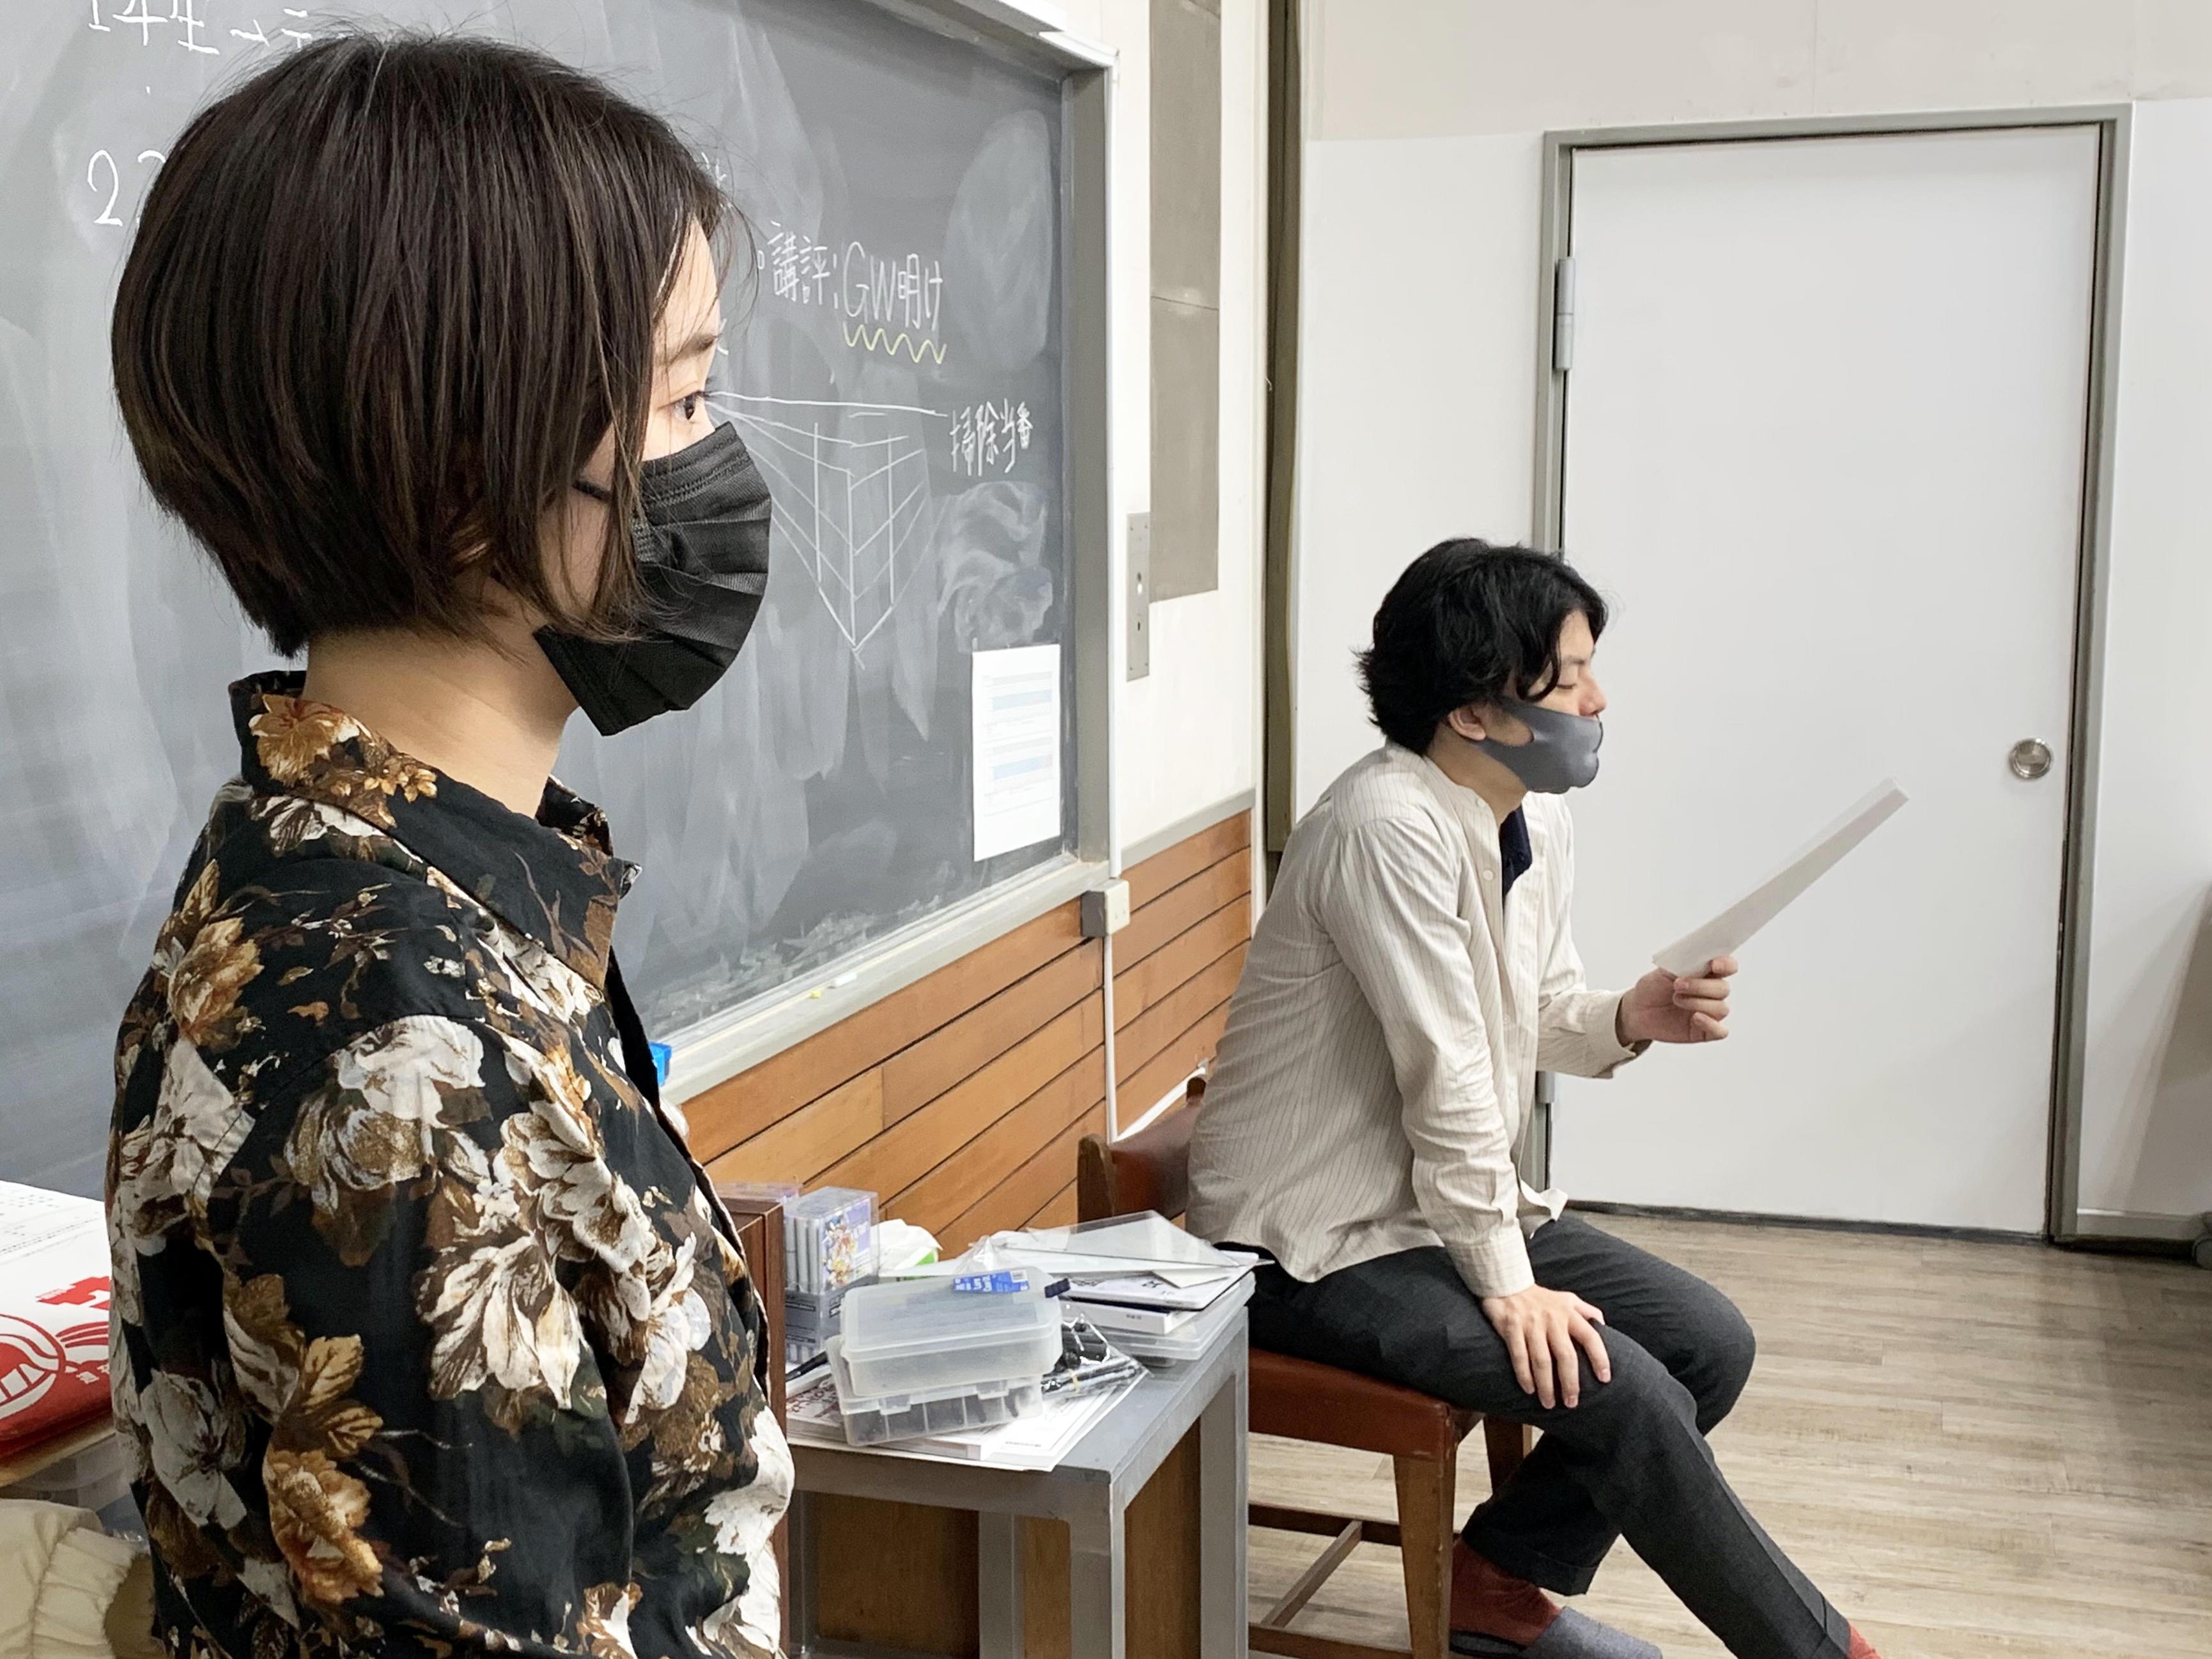 武蔵野学芸専門学校高等課程で少年サンデー編集部と漫画家の茂木ヨモギ氏による特別授業を実施 -- 「漫画を描く上で大切なこと」をテーマとした産学連携プロジェクト